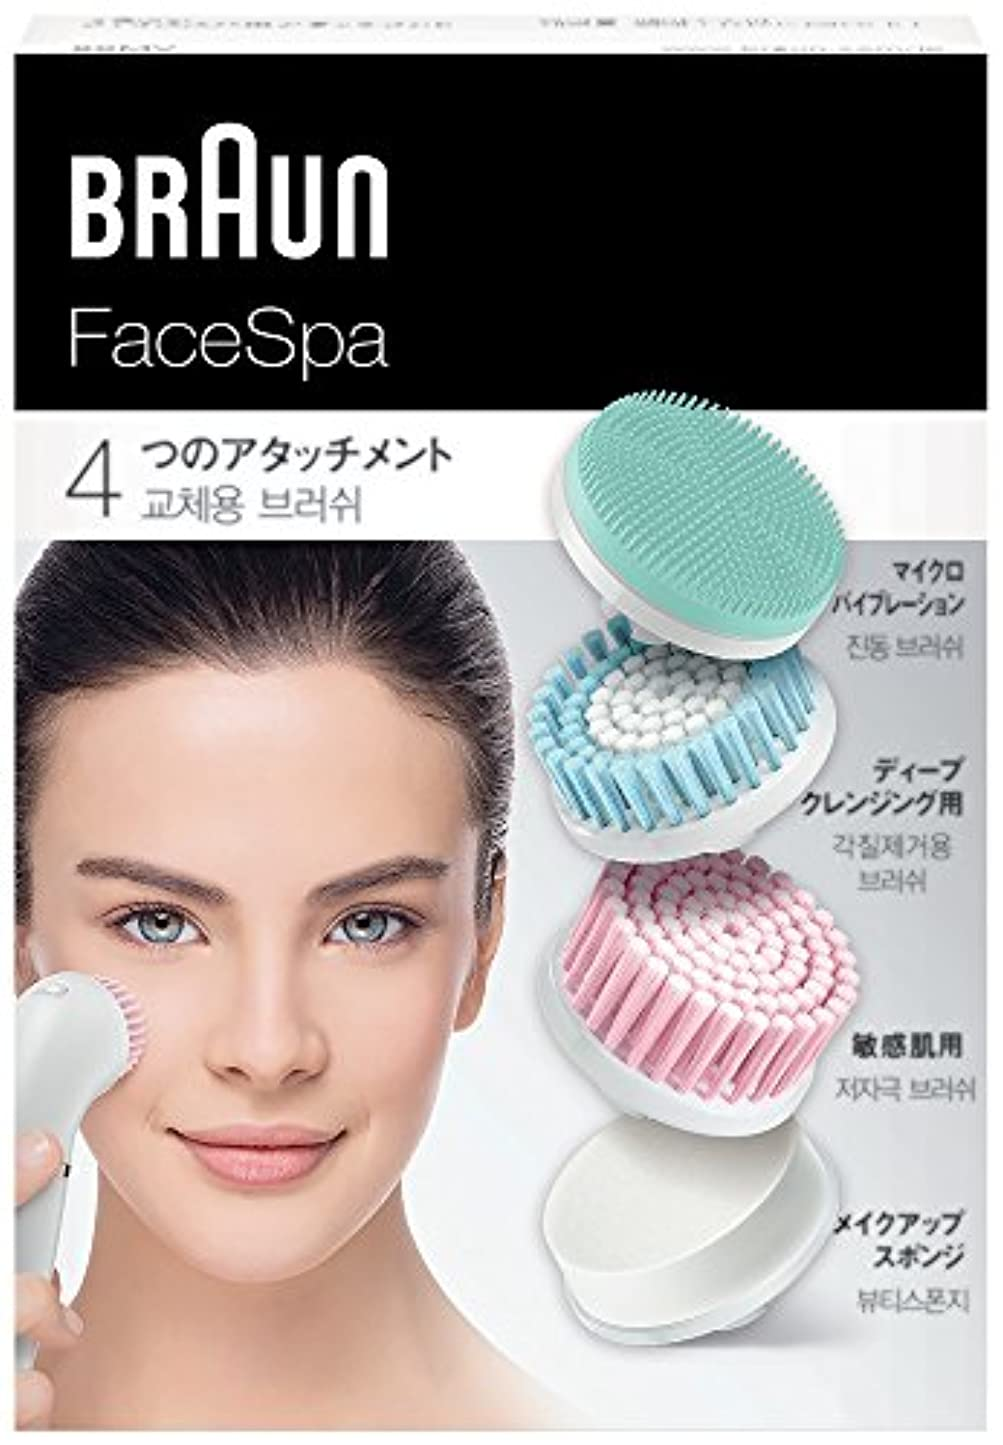 冷凍庫定期的なズボンブラウン 洗顔ブラシ 顔用脱毛器(ブラウンフェイス)用 4種詰め合わせ 80-MV